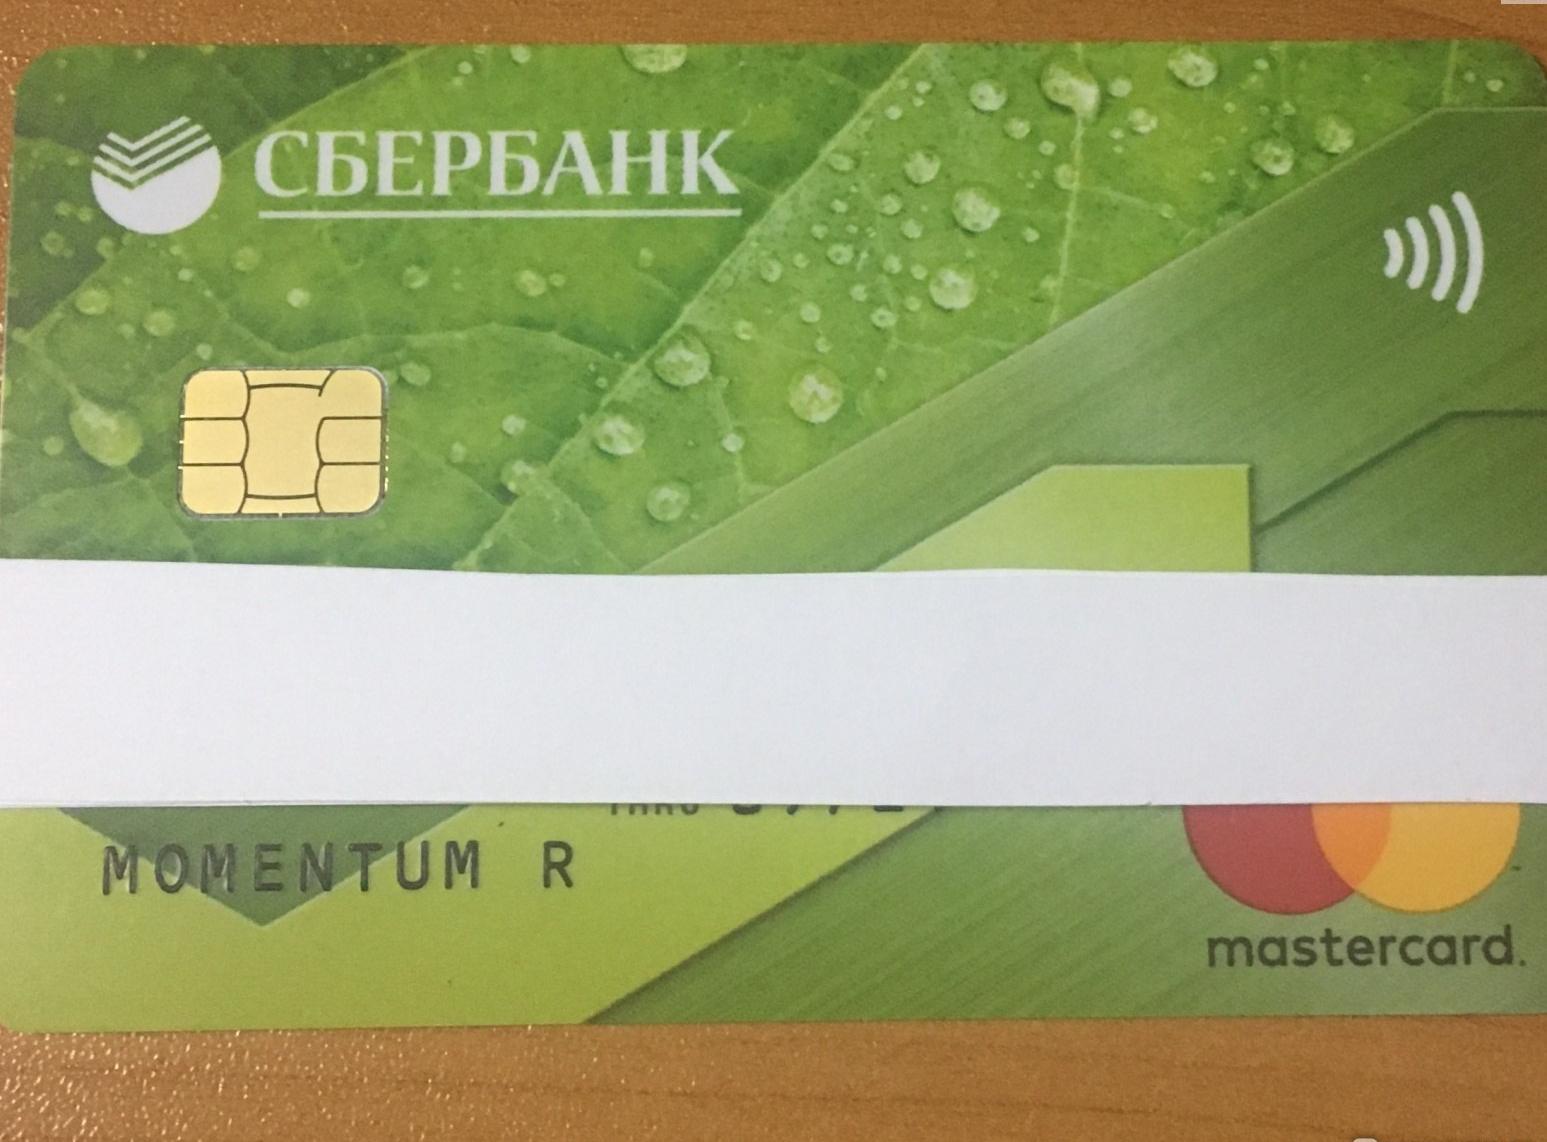 Сбербанк карта моментум — полный разбор с тарифами